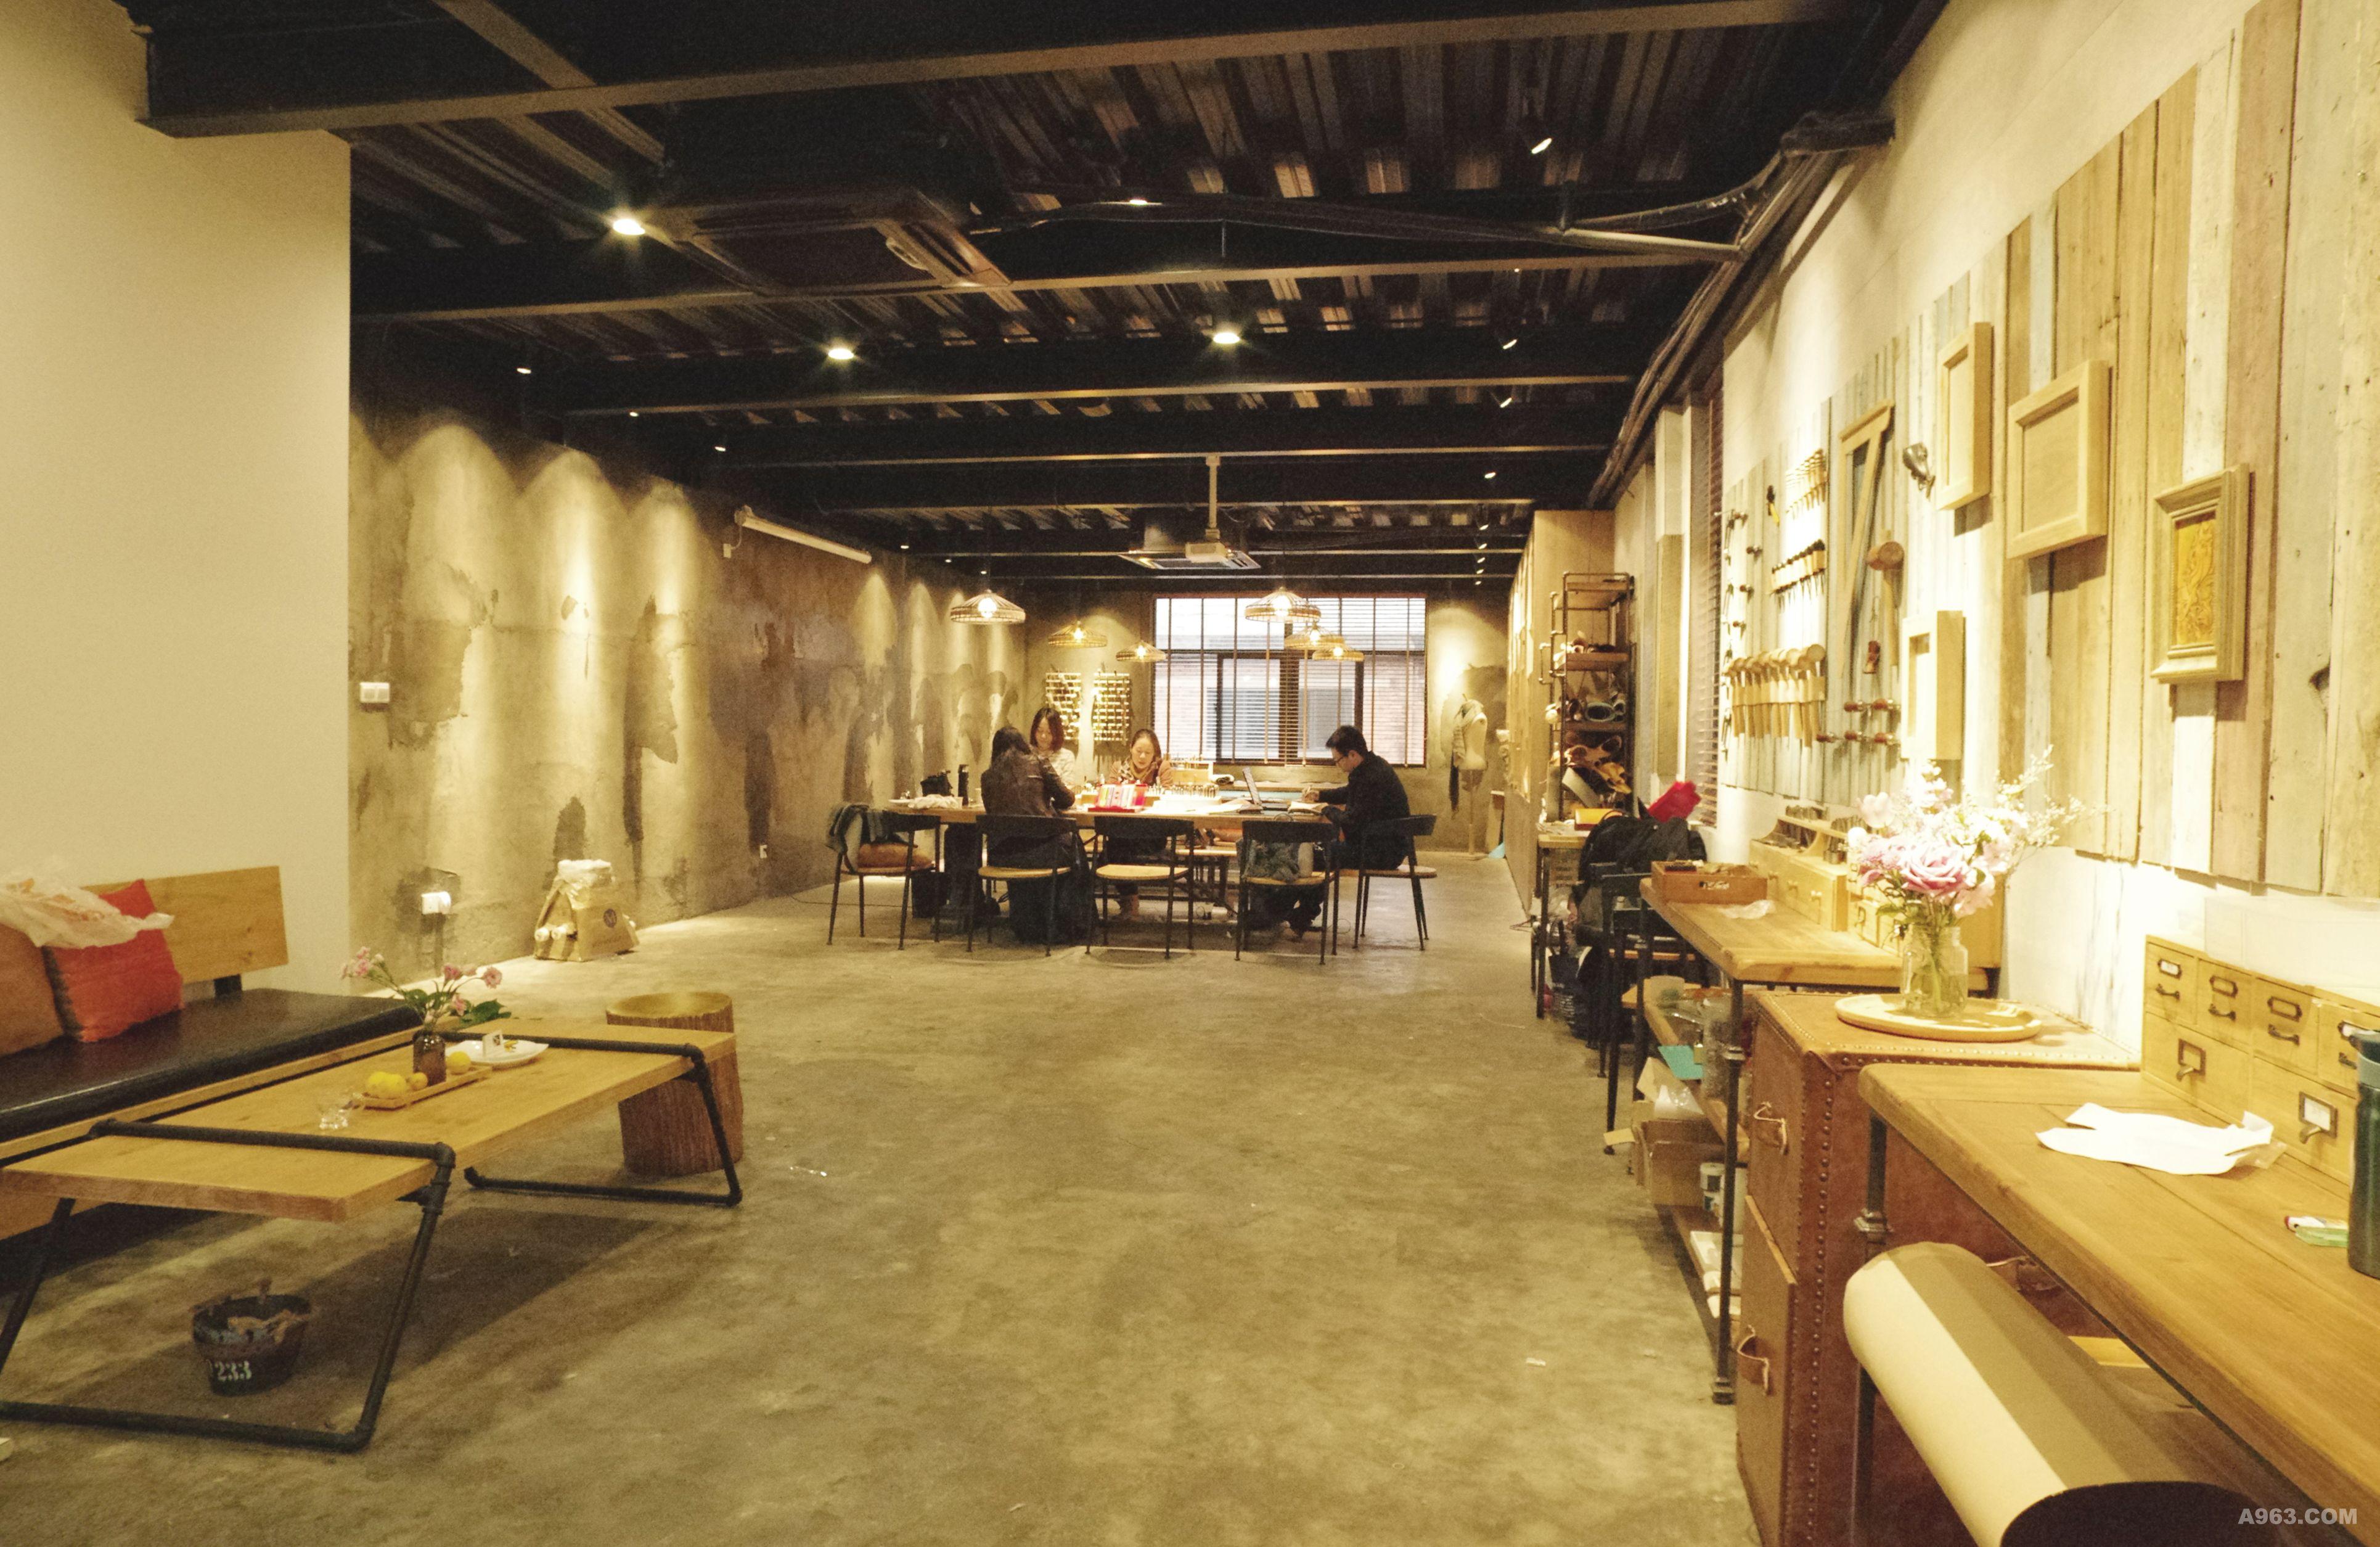 福州匠心咖啡厅 - 餐饮空间 - 程双双设计作品案例